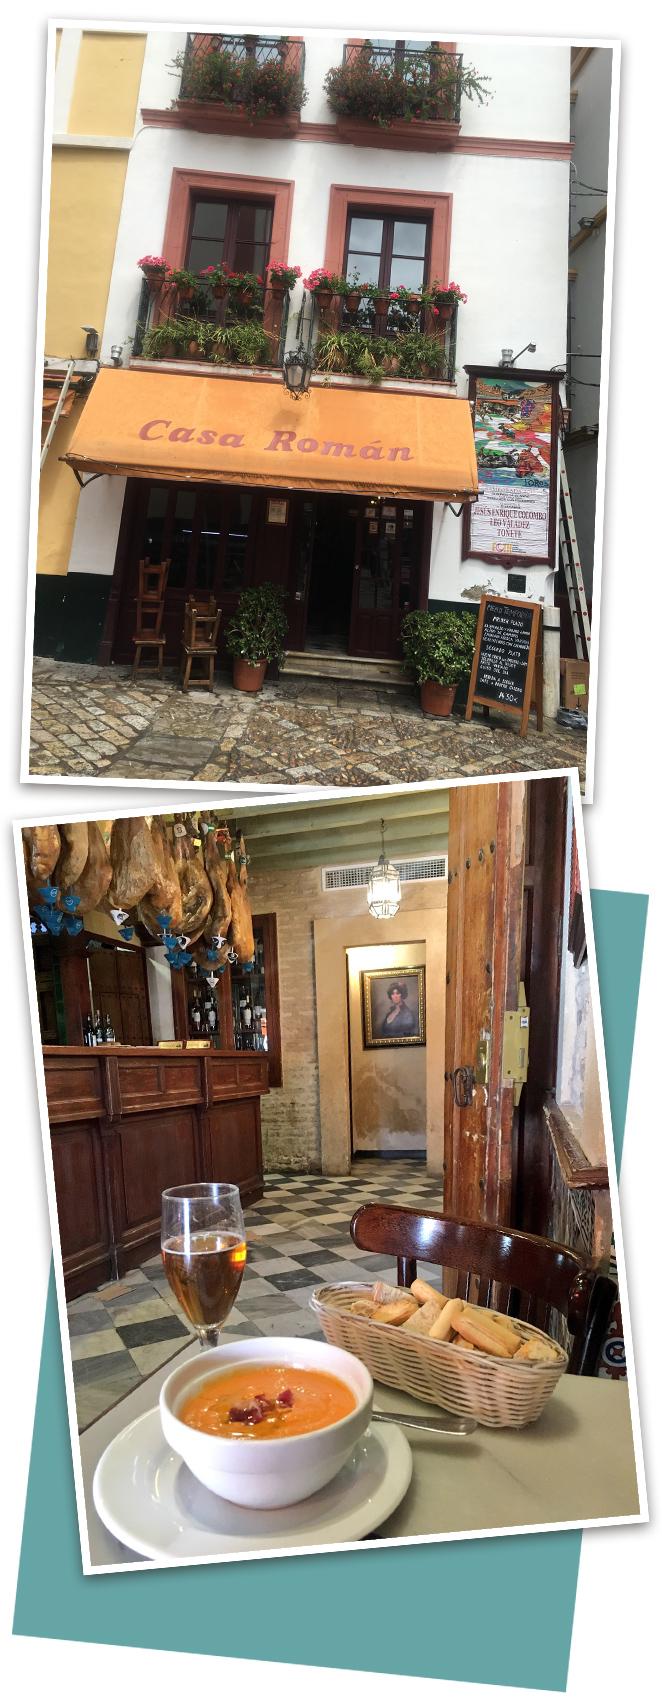 Nuestro plan acabó con un almuerzo informal y muy andaluz en Casa Román, uno de mis restaurantes favoritos de Sevilla donde siempre recomiendo tomar el salmorejo, las berenjenas y la presa ibérica.